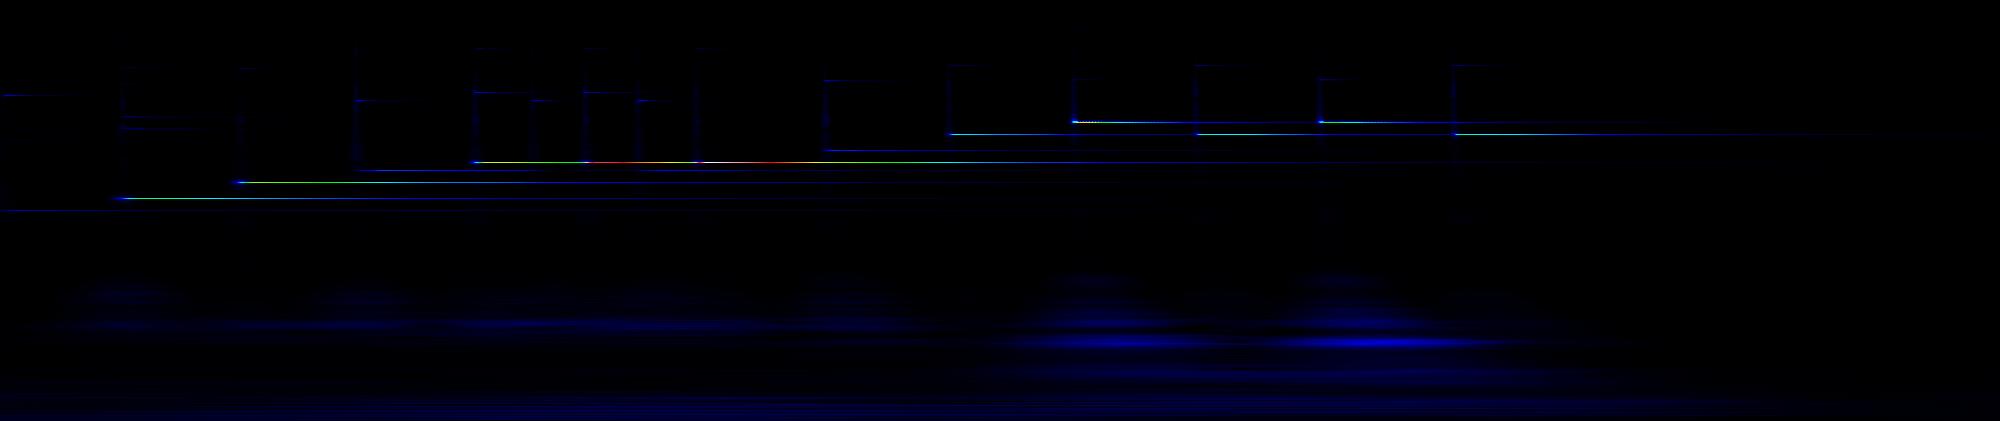 Glockenspiel spectrogram, linear scaled